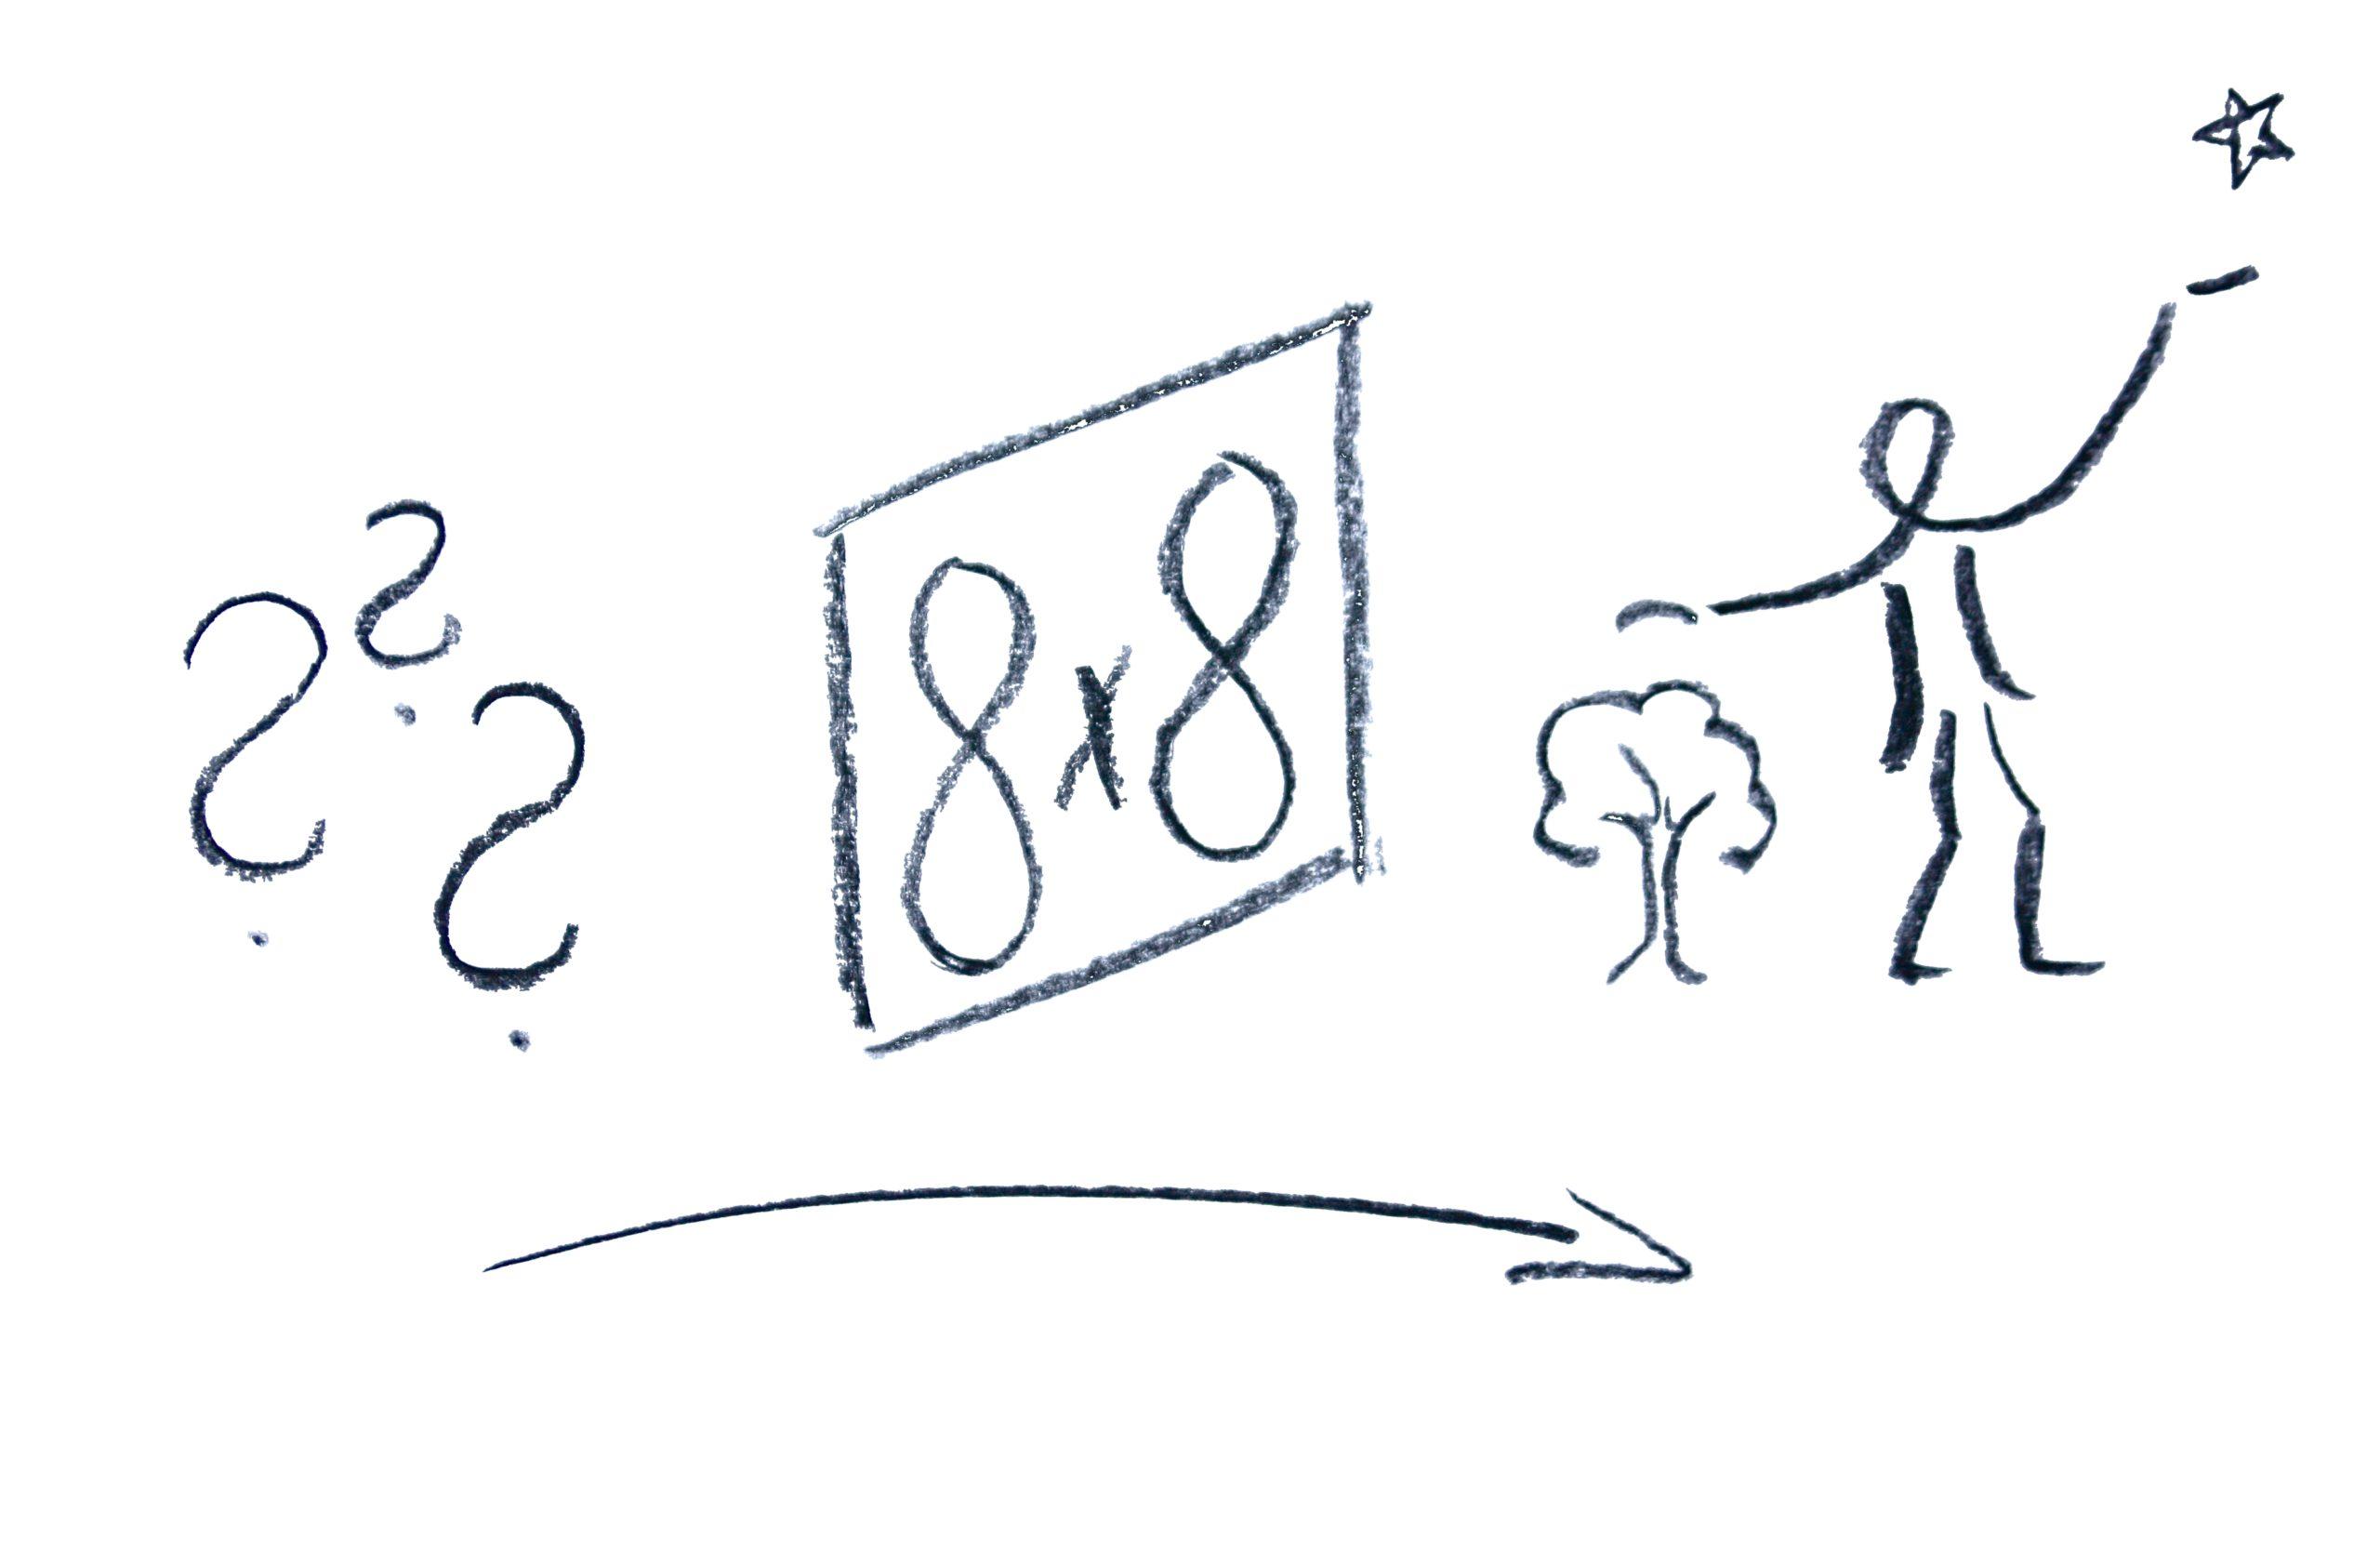 8x8 UnternehmensKulturEntwicklung